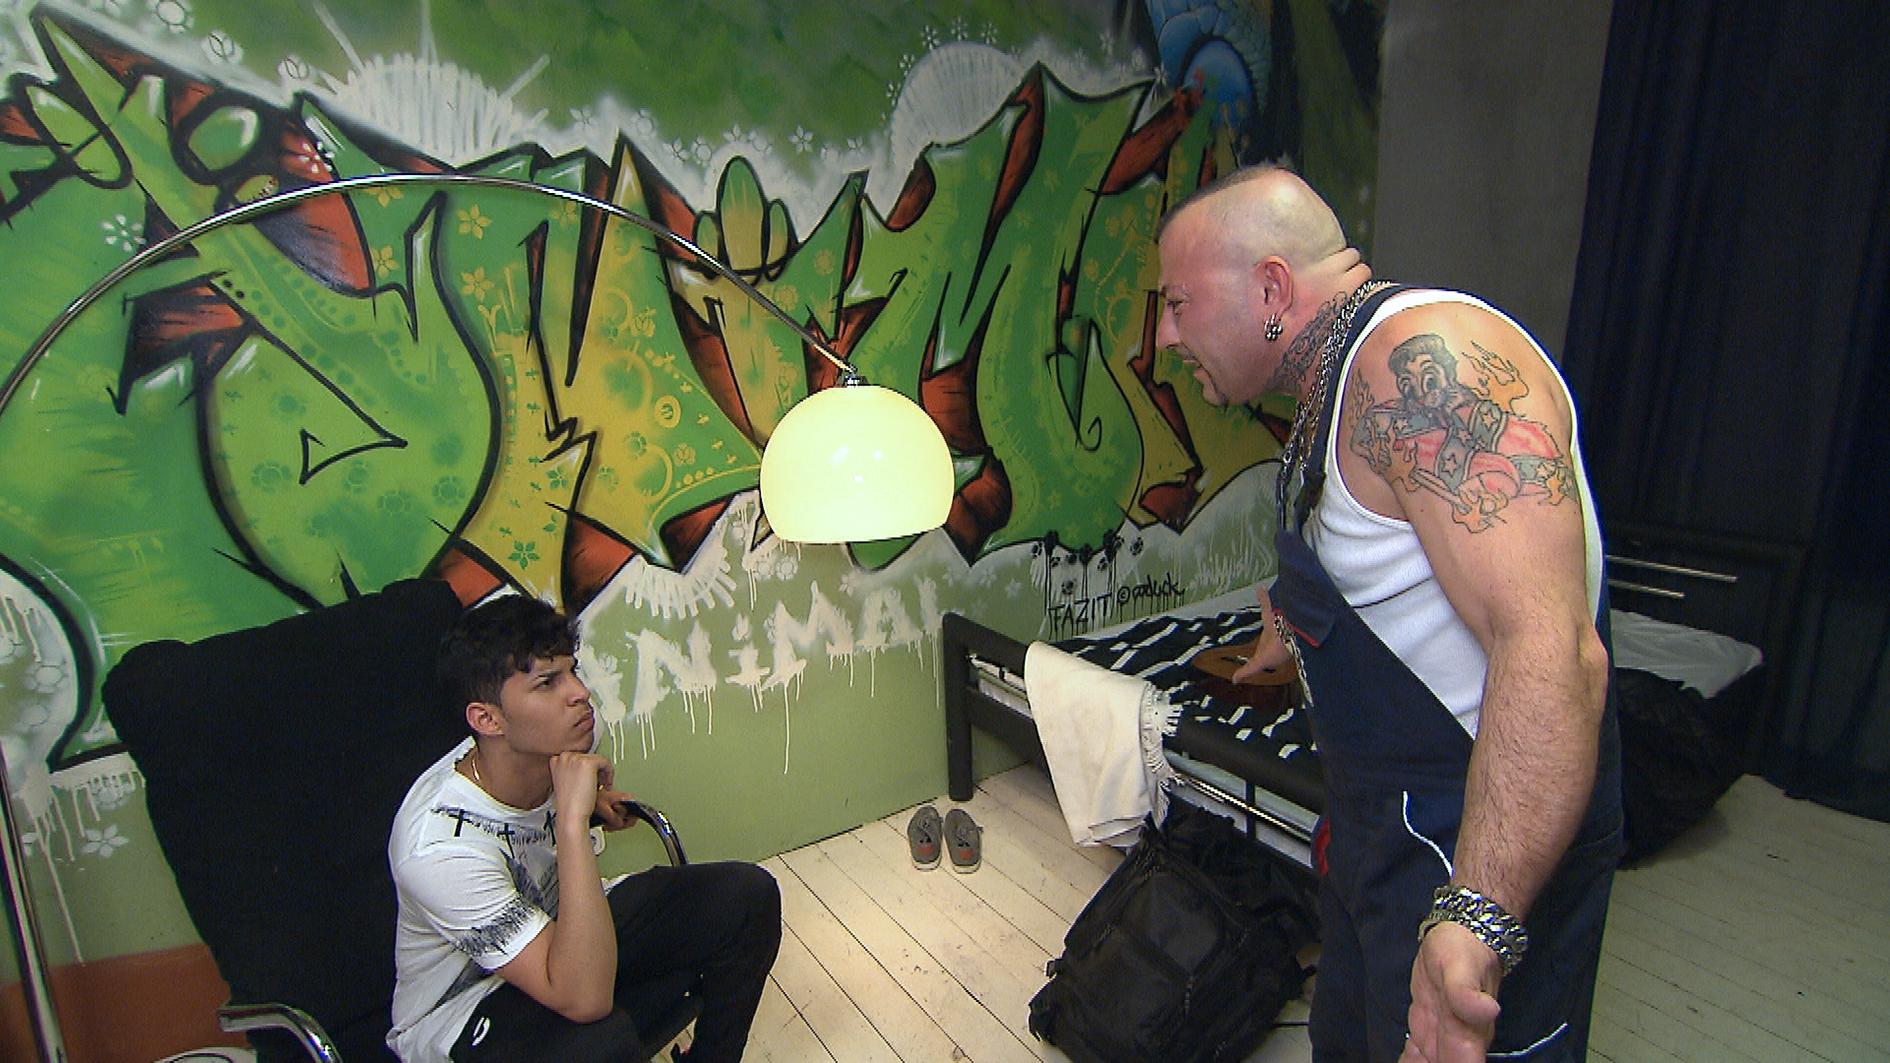 Fabrizio (re.) beobachtet mit Argwohn, dass Benito (li.) sich tatsächlich seinem Halbbruder Aaron annähert. Als Benito Aaron die Werkstatt zeigt, geraten die beiden Brüder in einen Konkurrenzkampf um eine hübsche Kundin. (Quelle: RTL 2)